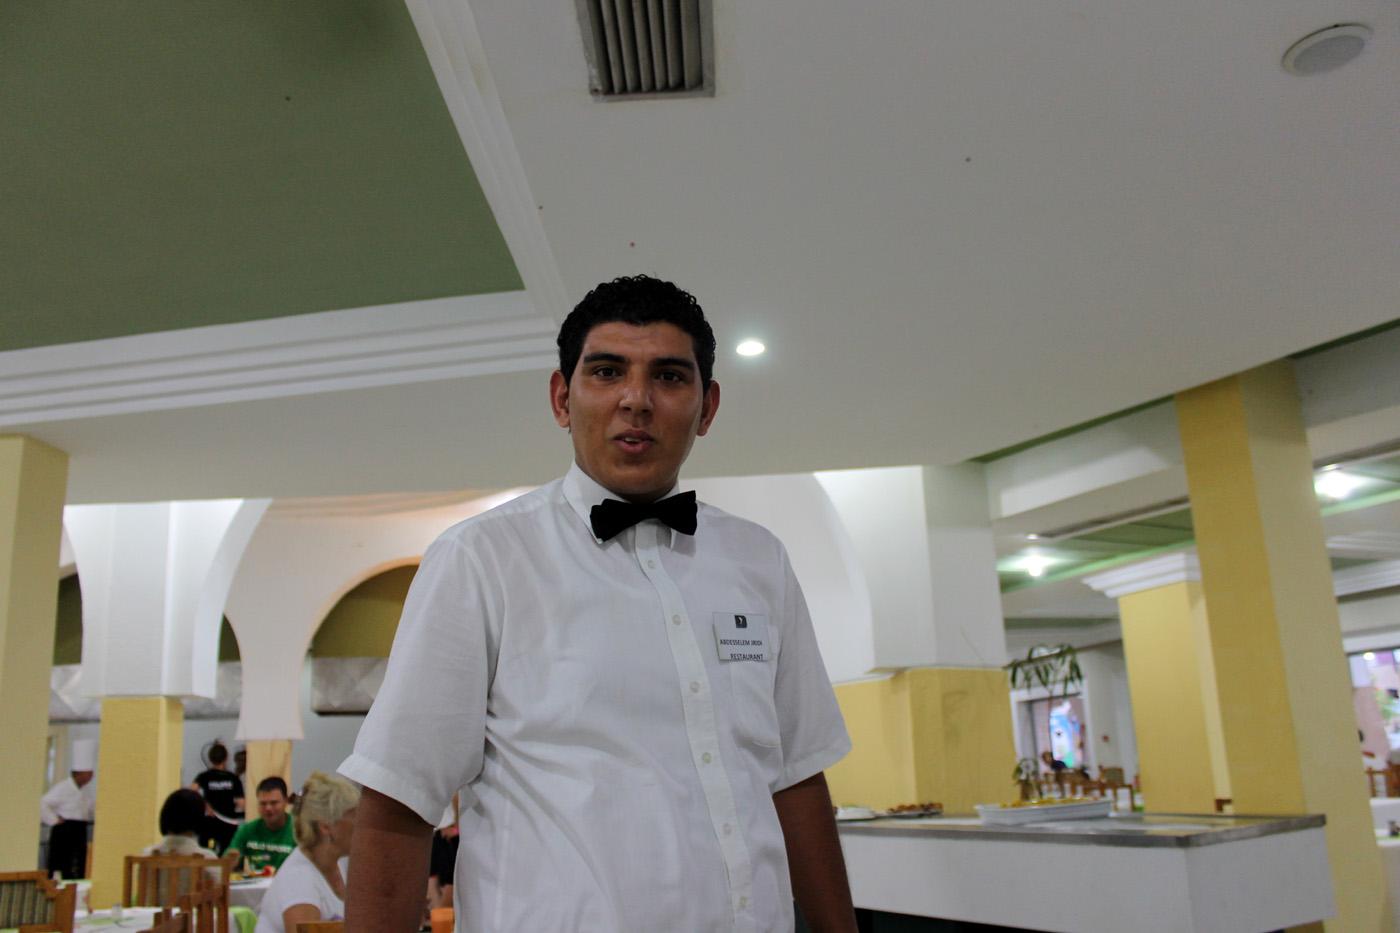 официант в отеле